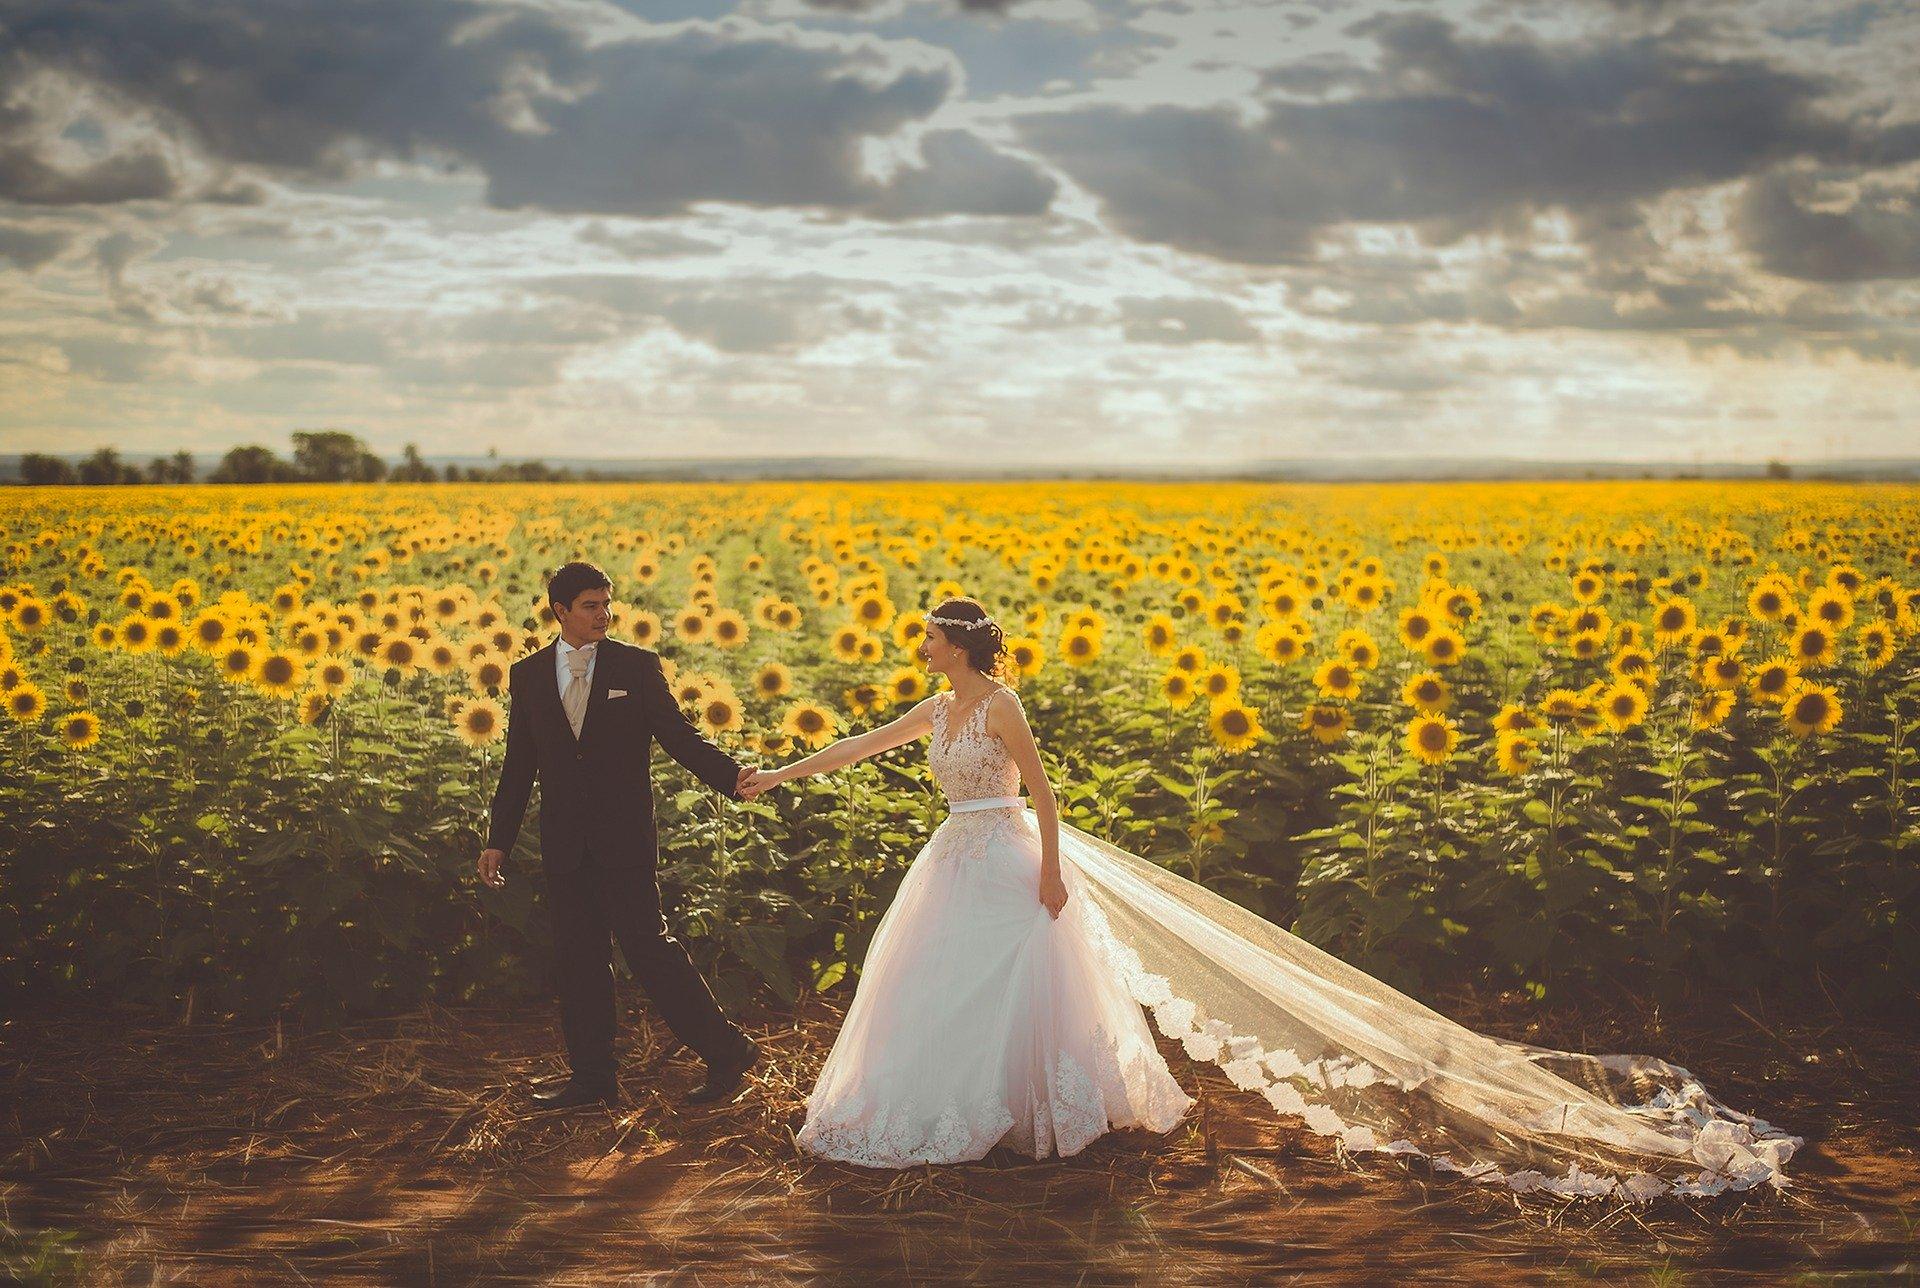 Le plus beau jour de votre vie, le mariage.